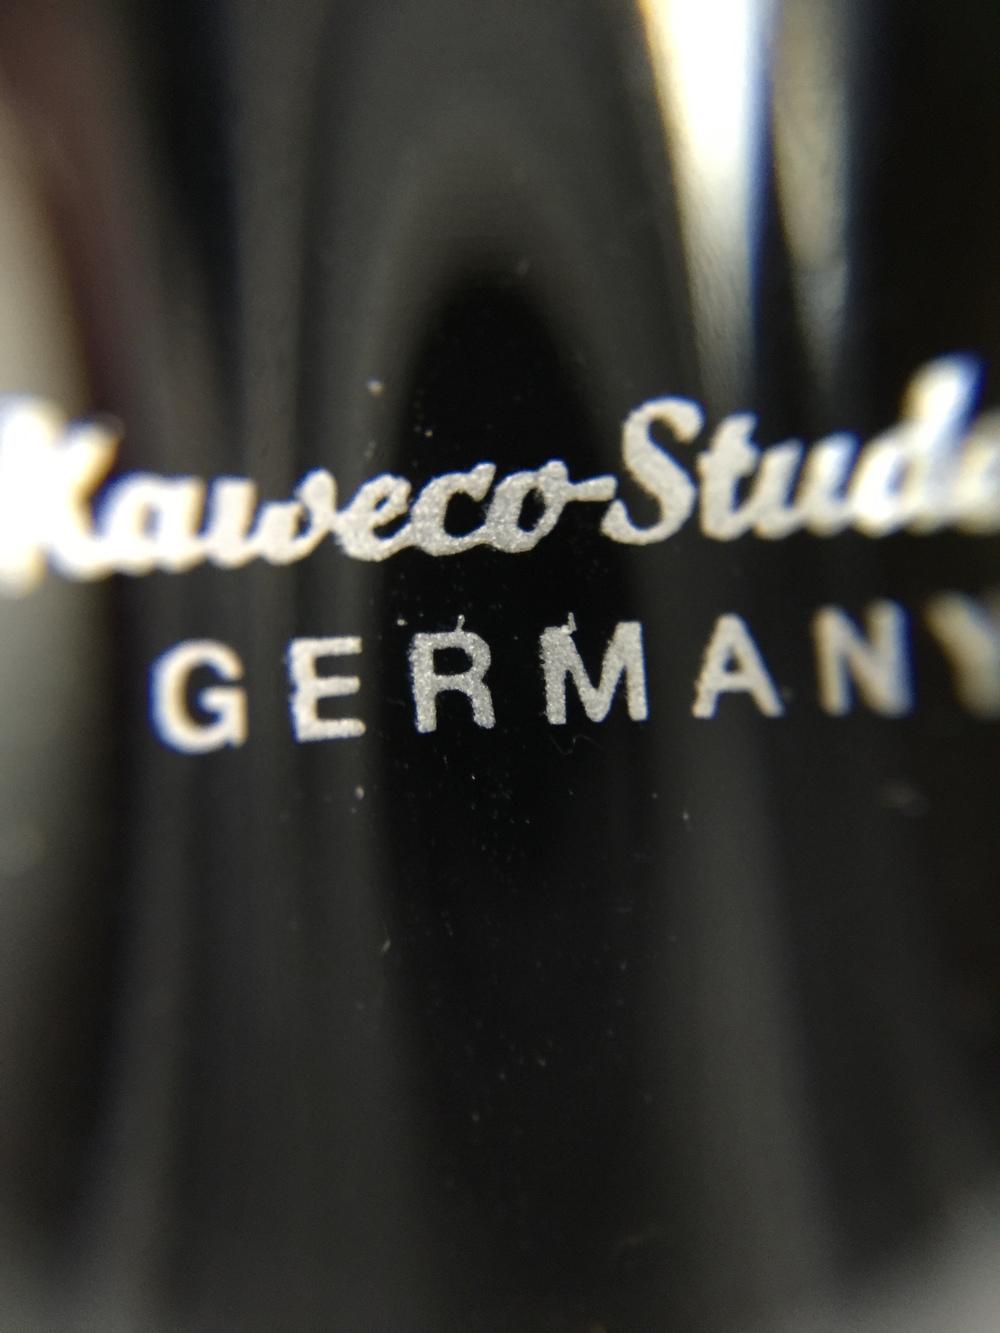 kaweco-student-band